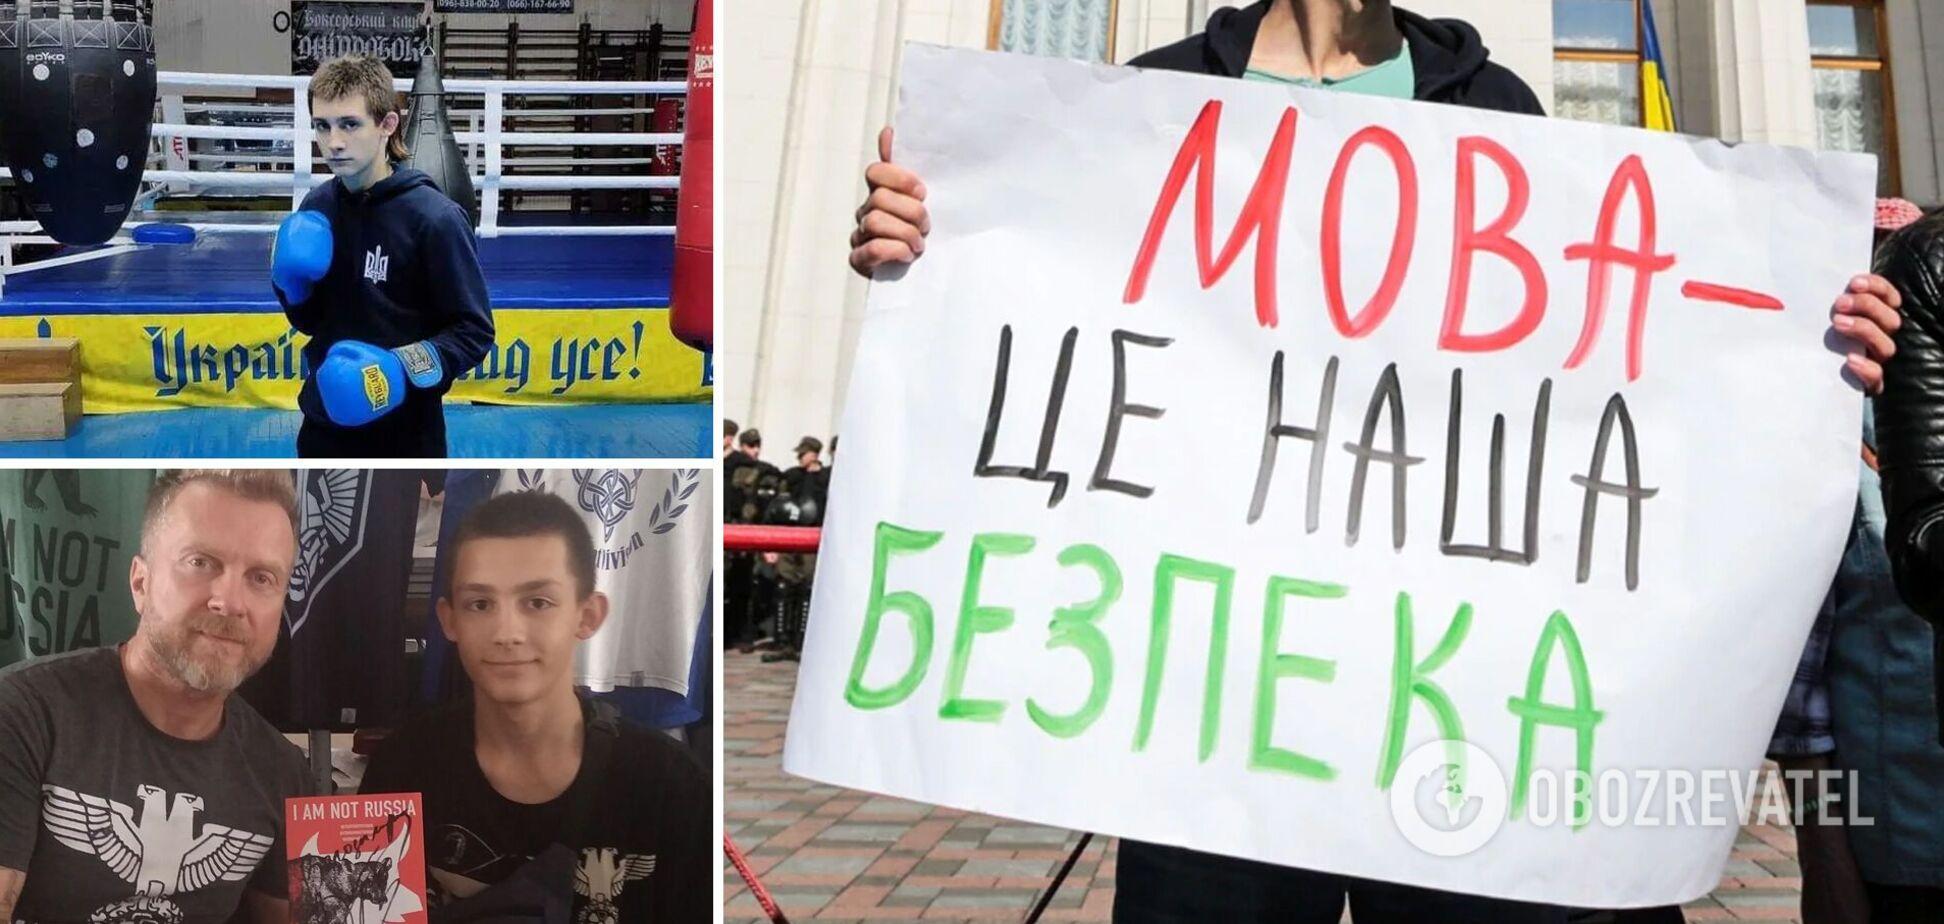 'Вы представляете ВСУ, а не Россию!' В Днепре школьник встал на защиту украинского языка: детали